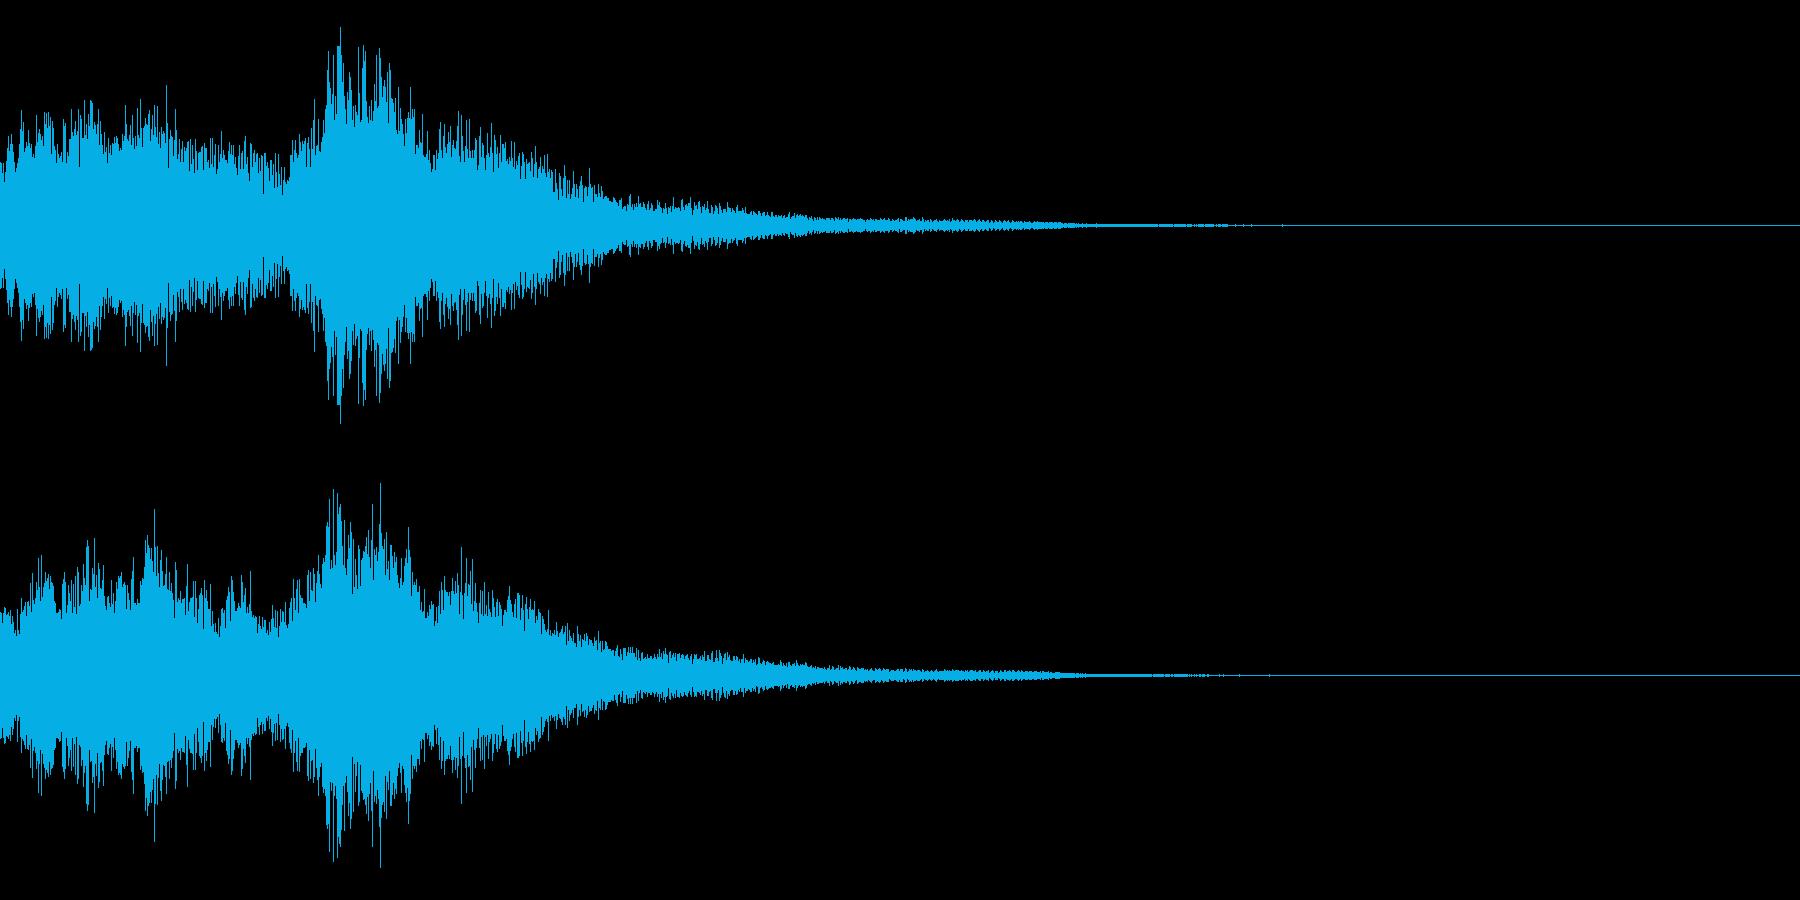 琴と刀の【シャキーン!】和風ロゴ 13の再生済みの波形